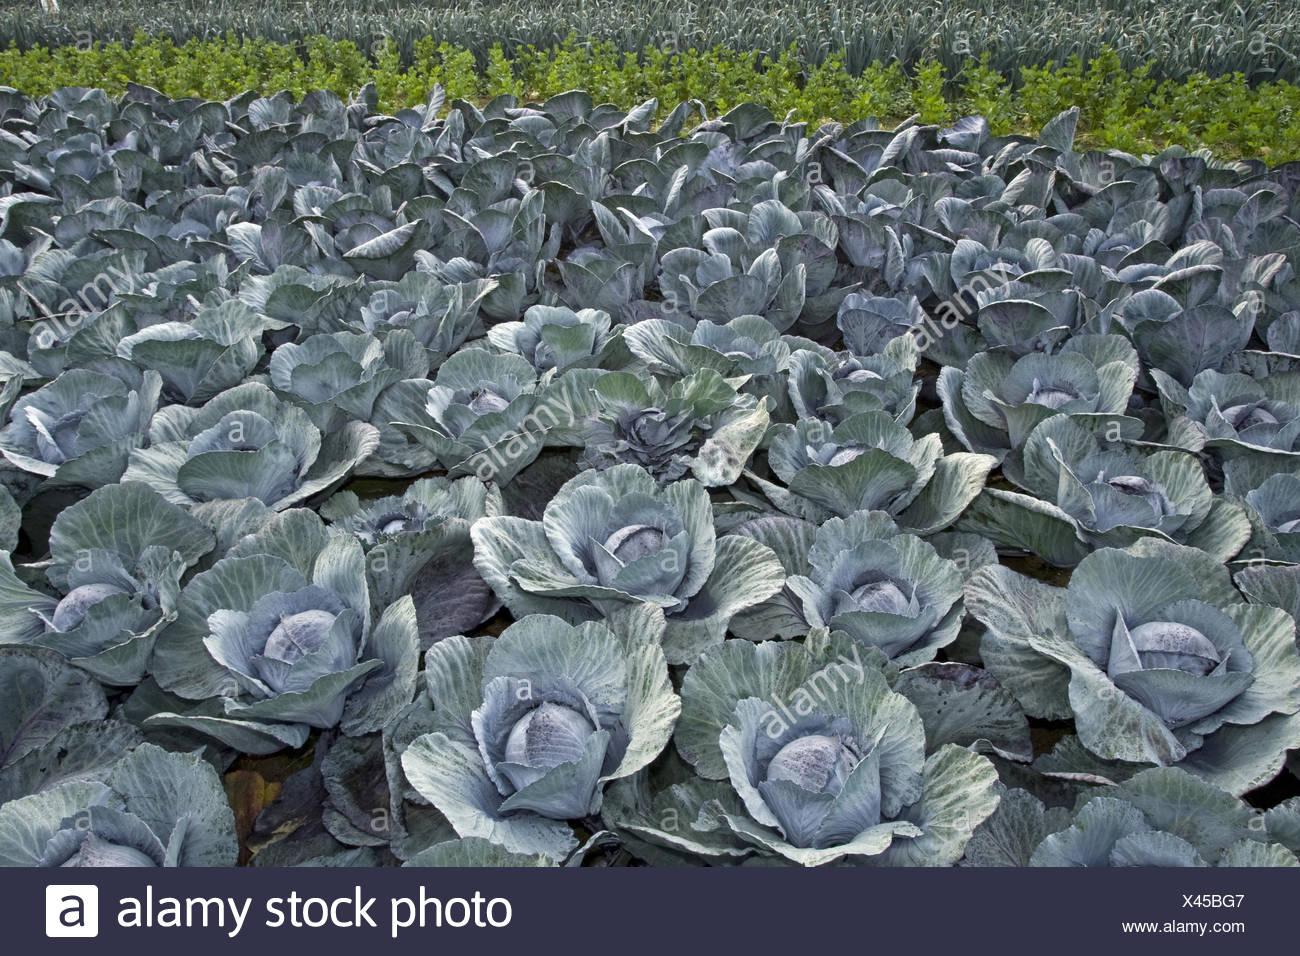 Cavolo rosso, viola, cavolo rosso kraut, blu kraut (Brassica oleracea var. capitata f. rubra), cavolo rosso su un campo, Belgio Fiandre Orientali Immagini Stock